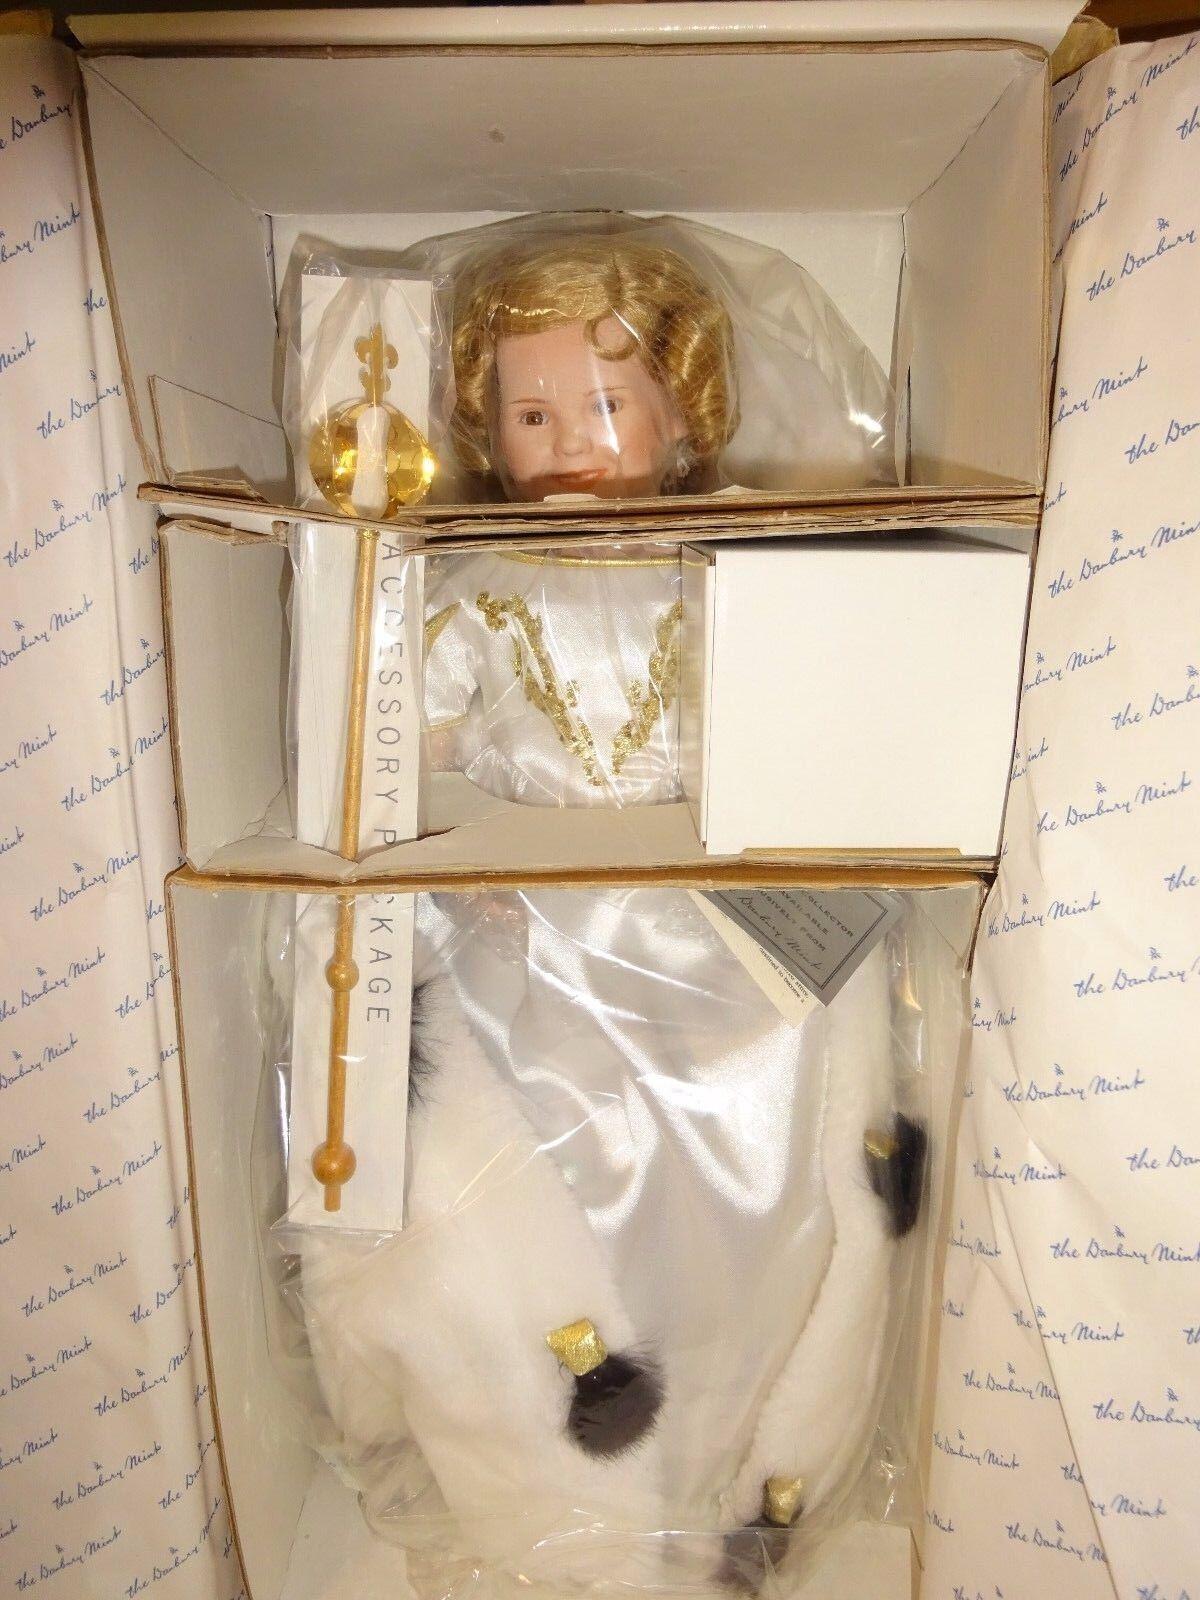 El DANBURY MINT Shirley Temple Colector Muñeca Pequeña Princesa Nuevo en Caja W D7422 Corona